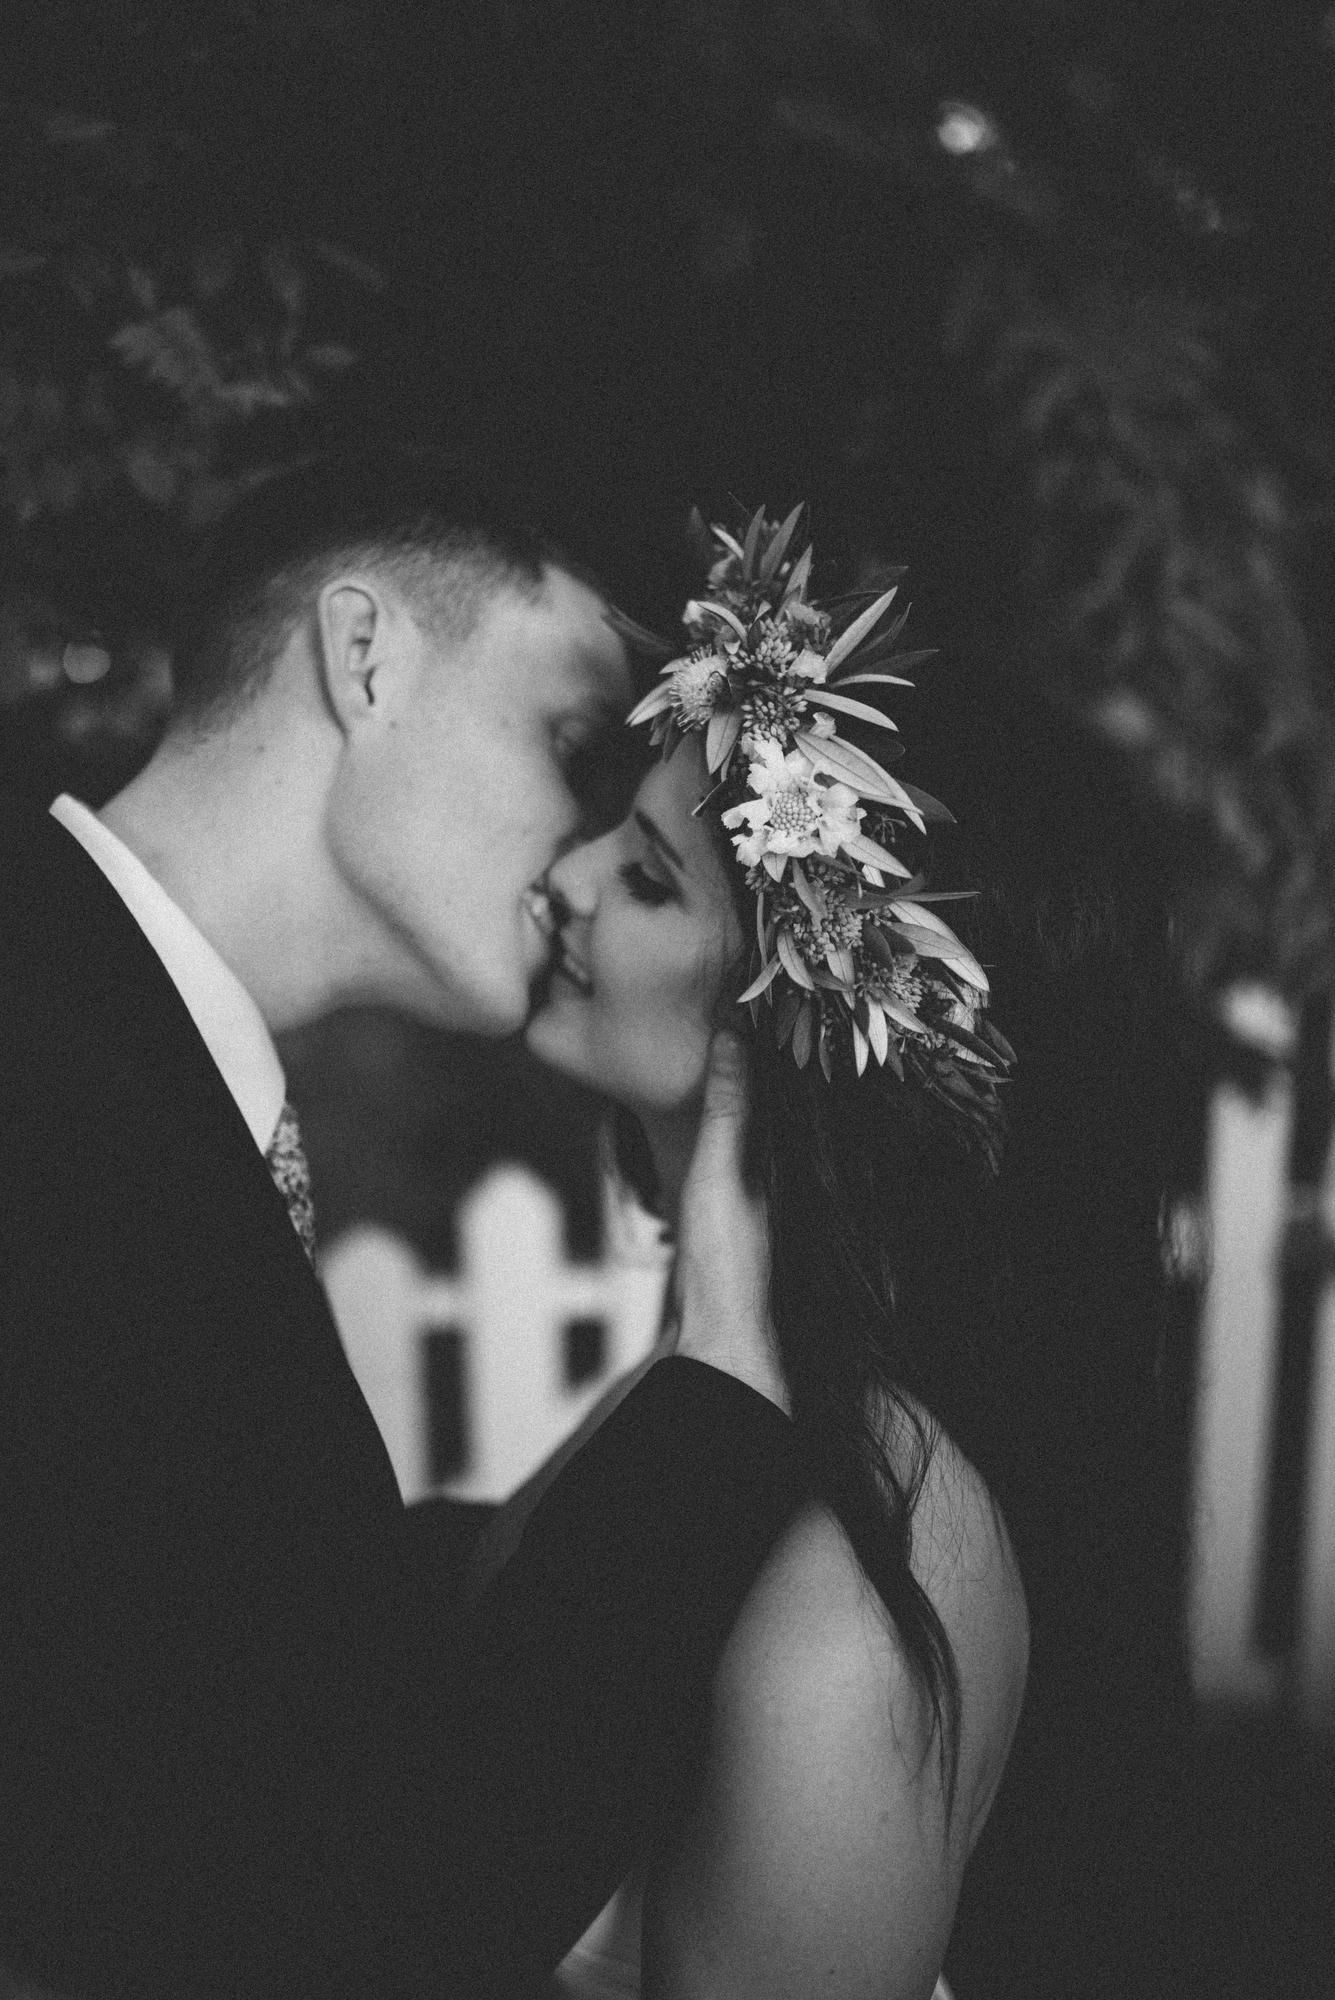 ofRen_weddingphotography093.JPG